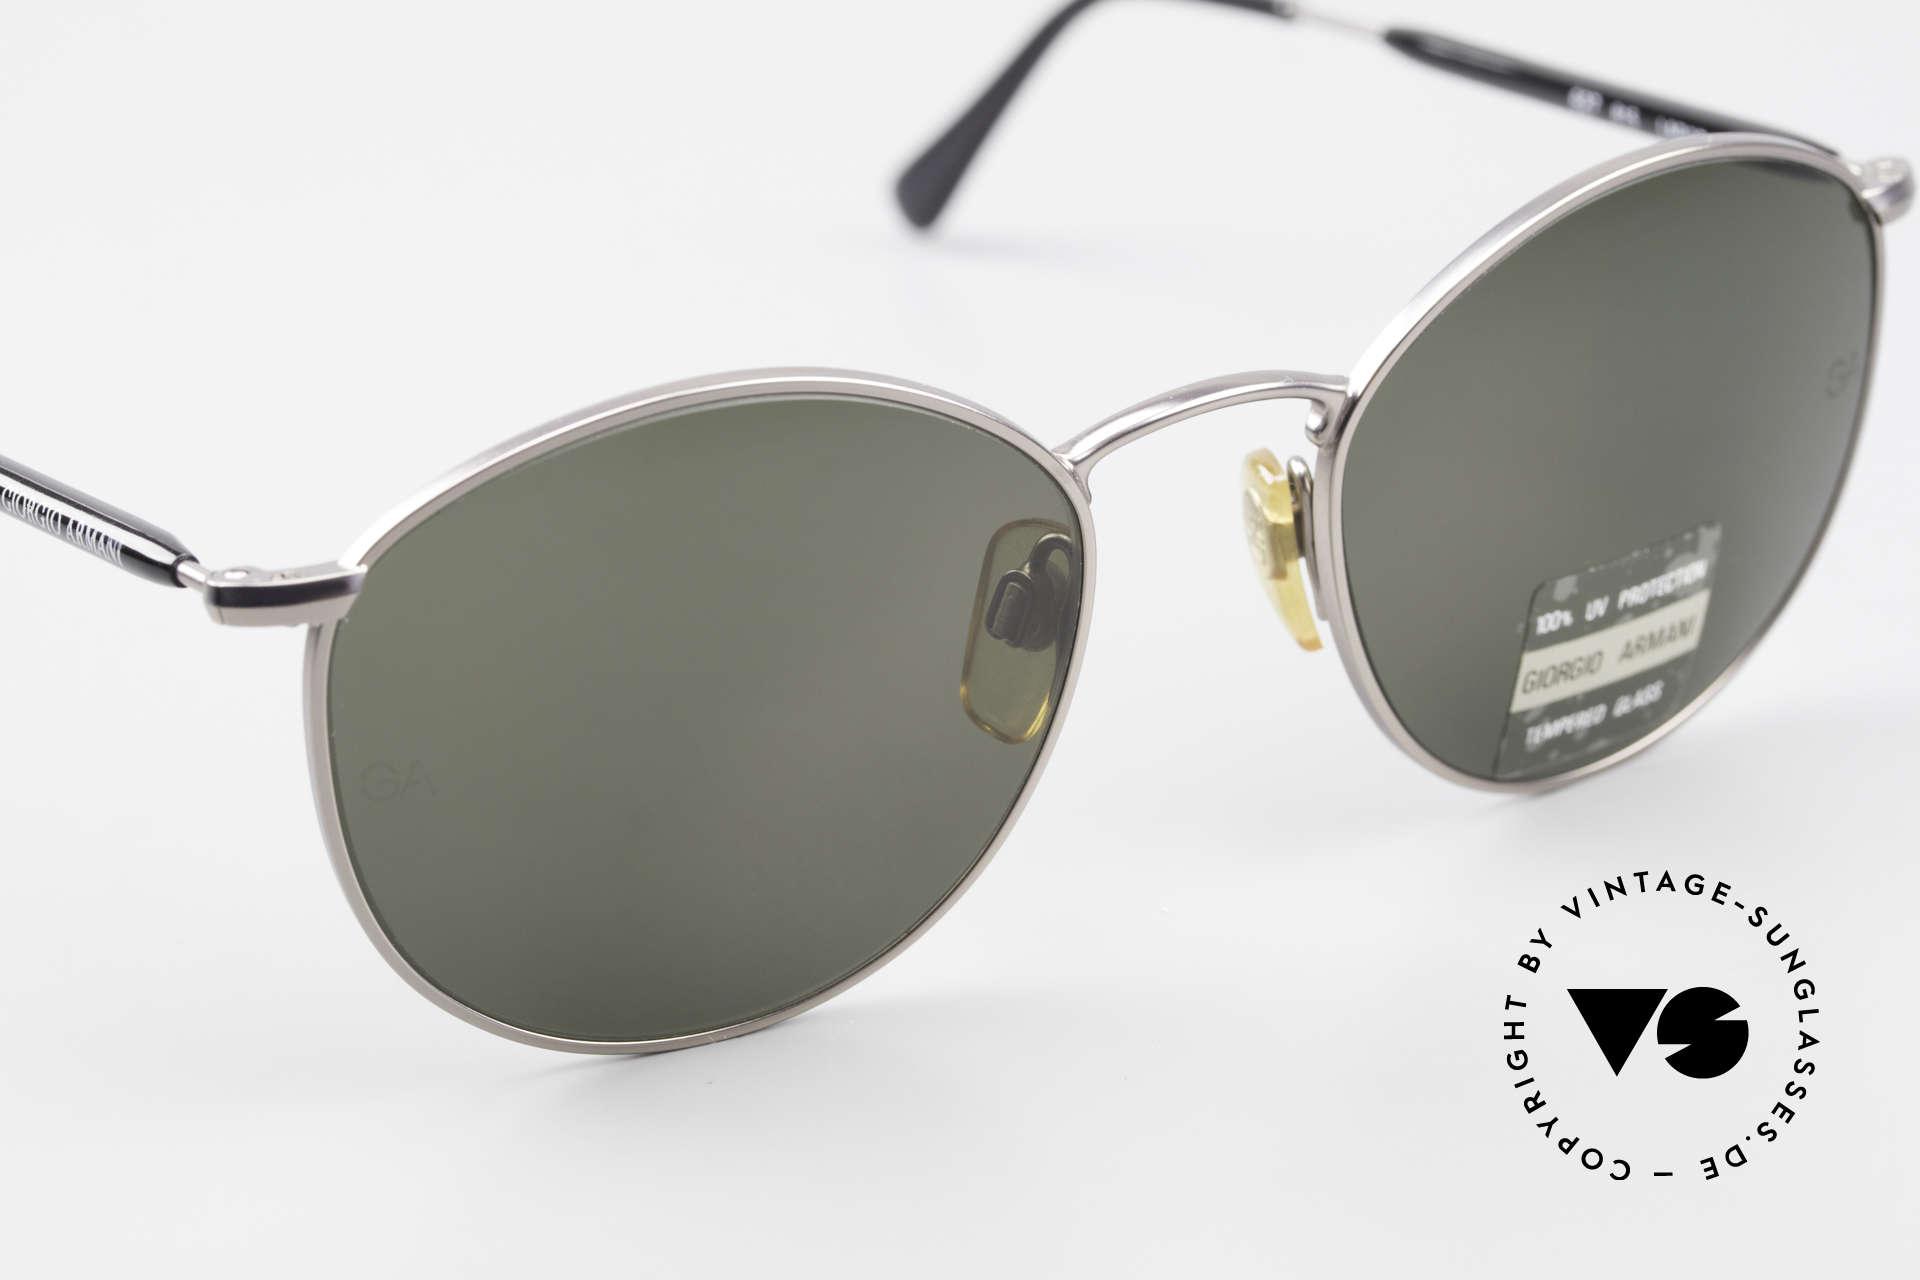 Giorgio Armani 627 Vintage Panto Sonnenbrille, ungetragen (wie alle unsere vintage Sonnenbrillen), Passend für Herren und Damen